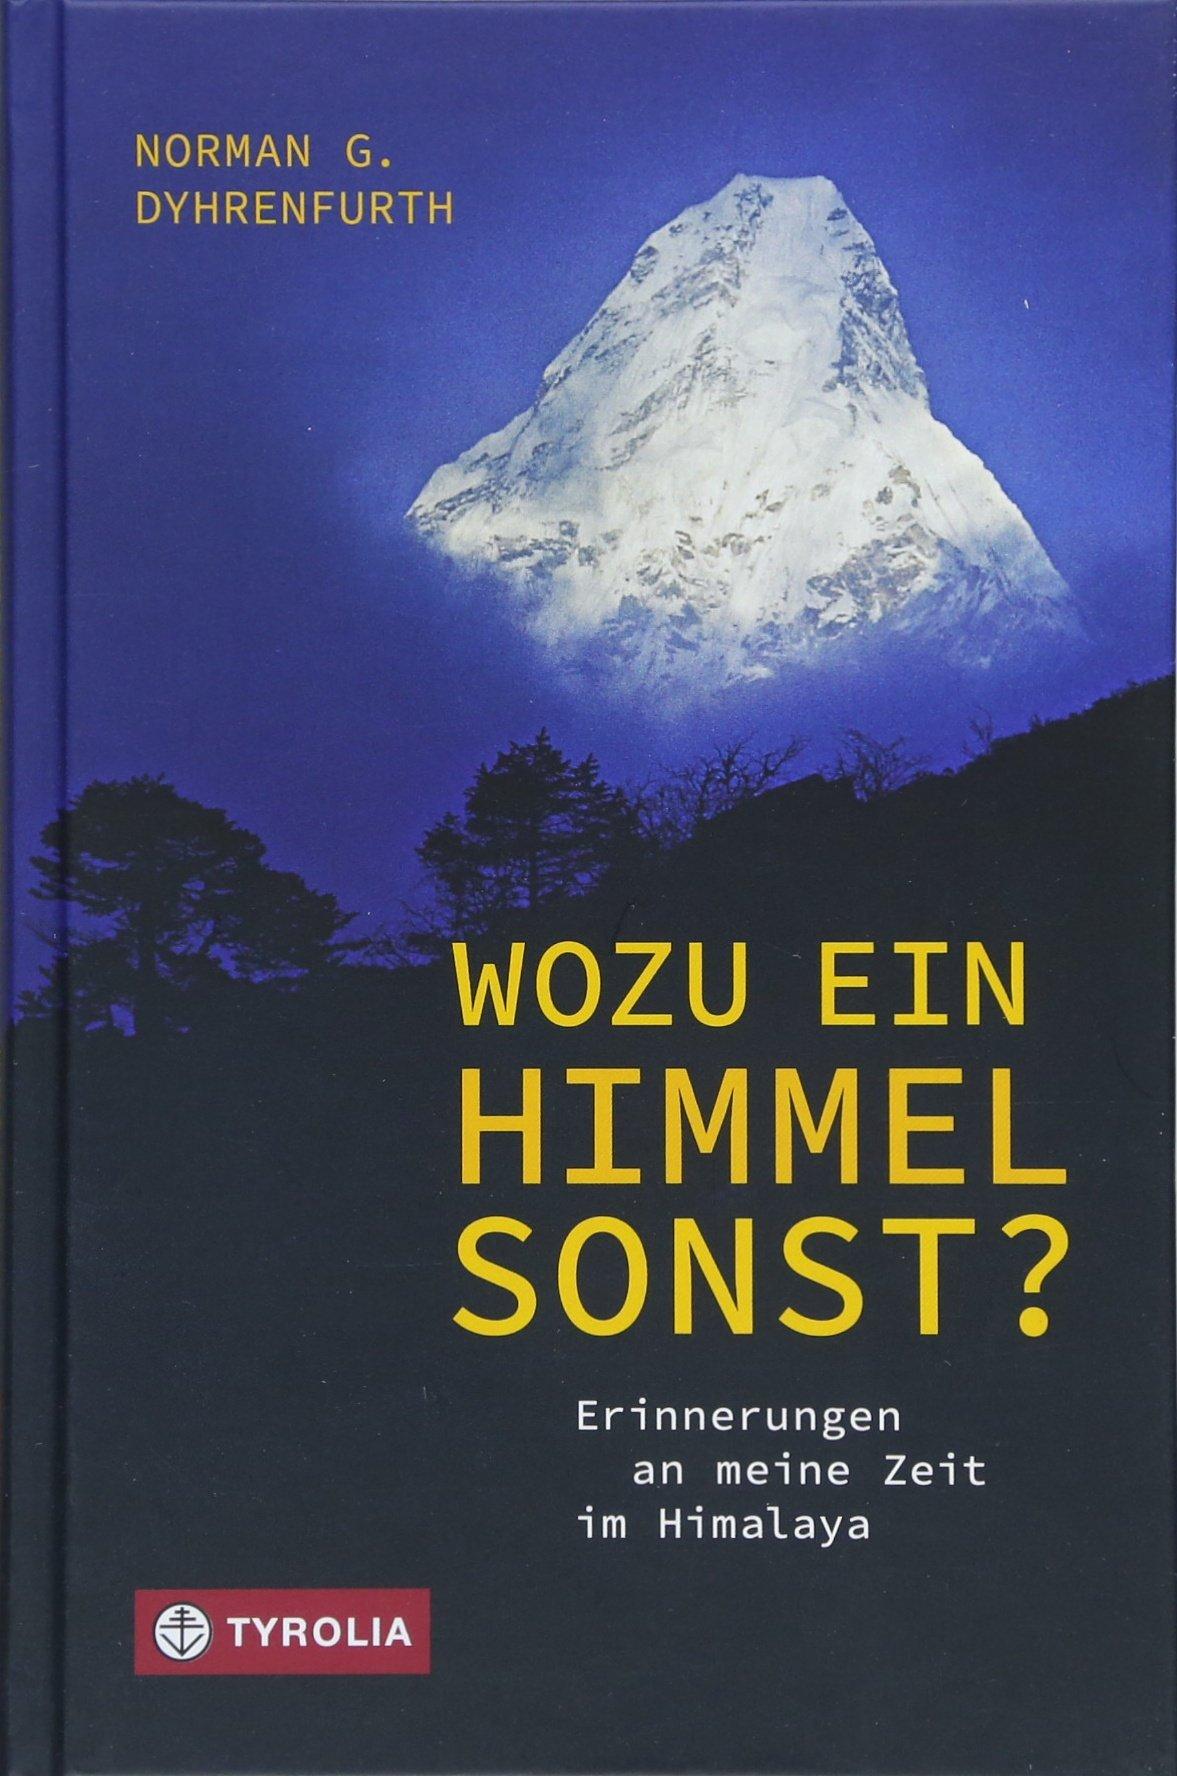 Wozu ein Himmel sonst?: Erinnerungen an meine Zeit im Himalaya. Mit einem Vorwort von Ed Webster und einem Lebensbild von Dr. Michael Bilic